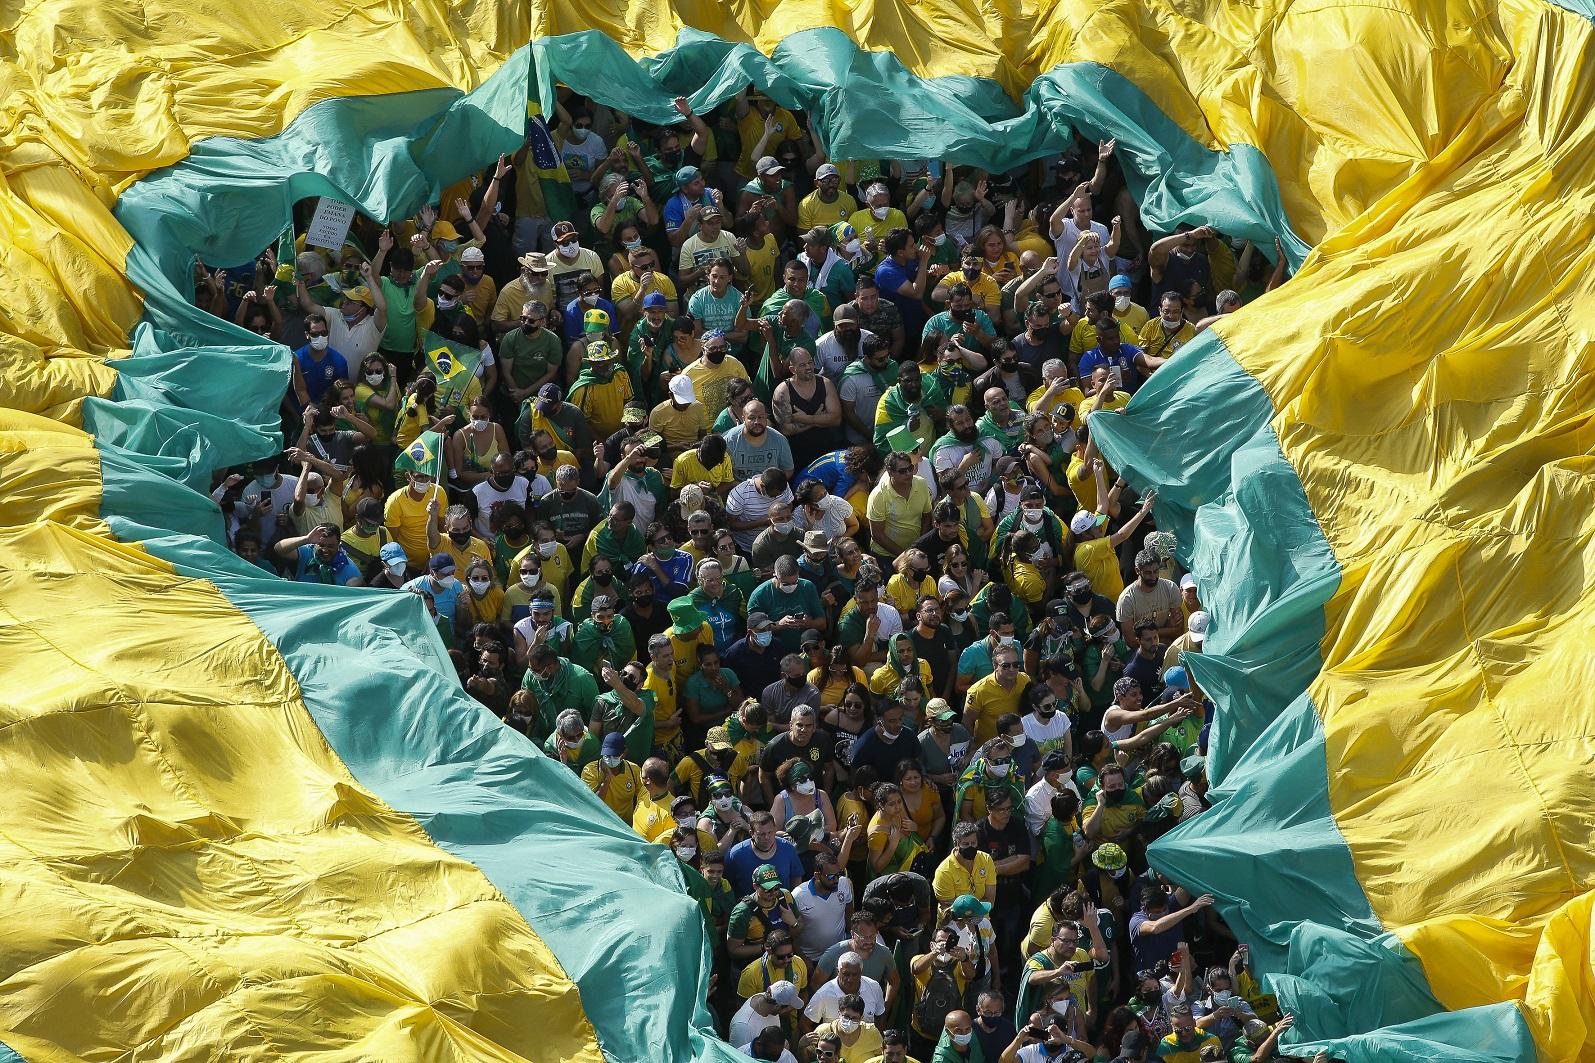 Manifestantes favoráveis ao presidente Bolsonaro se aglomeram na Avenida Paulista, em São Paulo, pedindo o fechamento do STF. Foto Miguel Schincariol (AFP). Setembro/2021